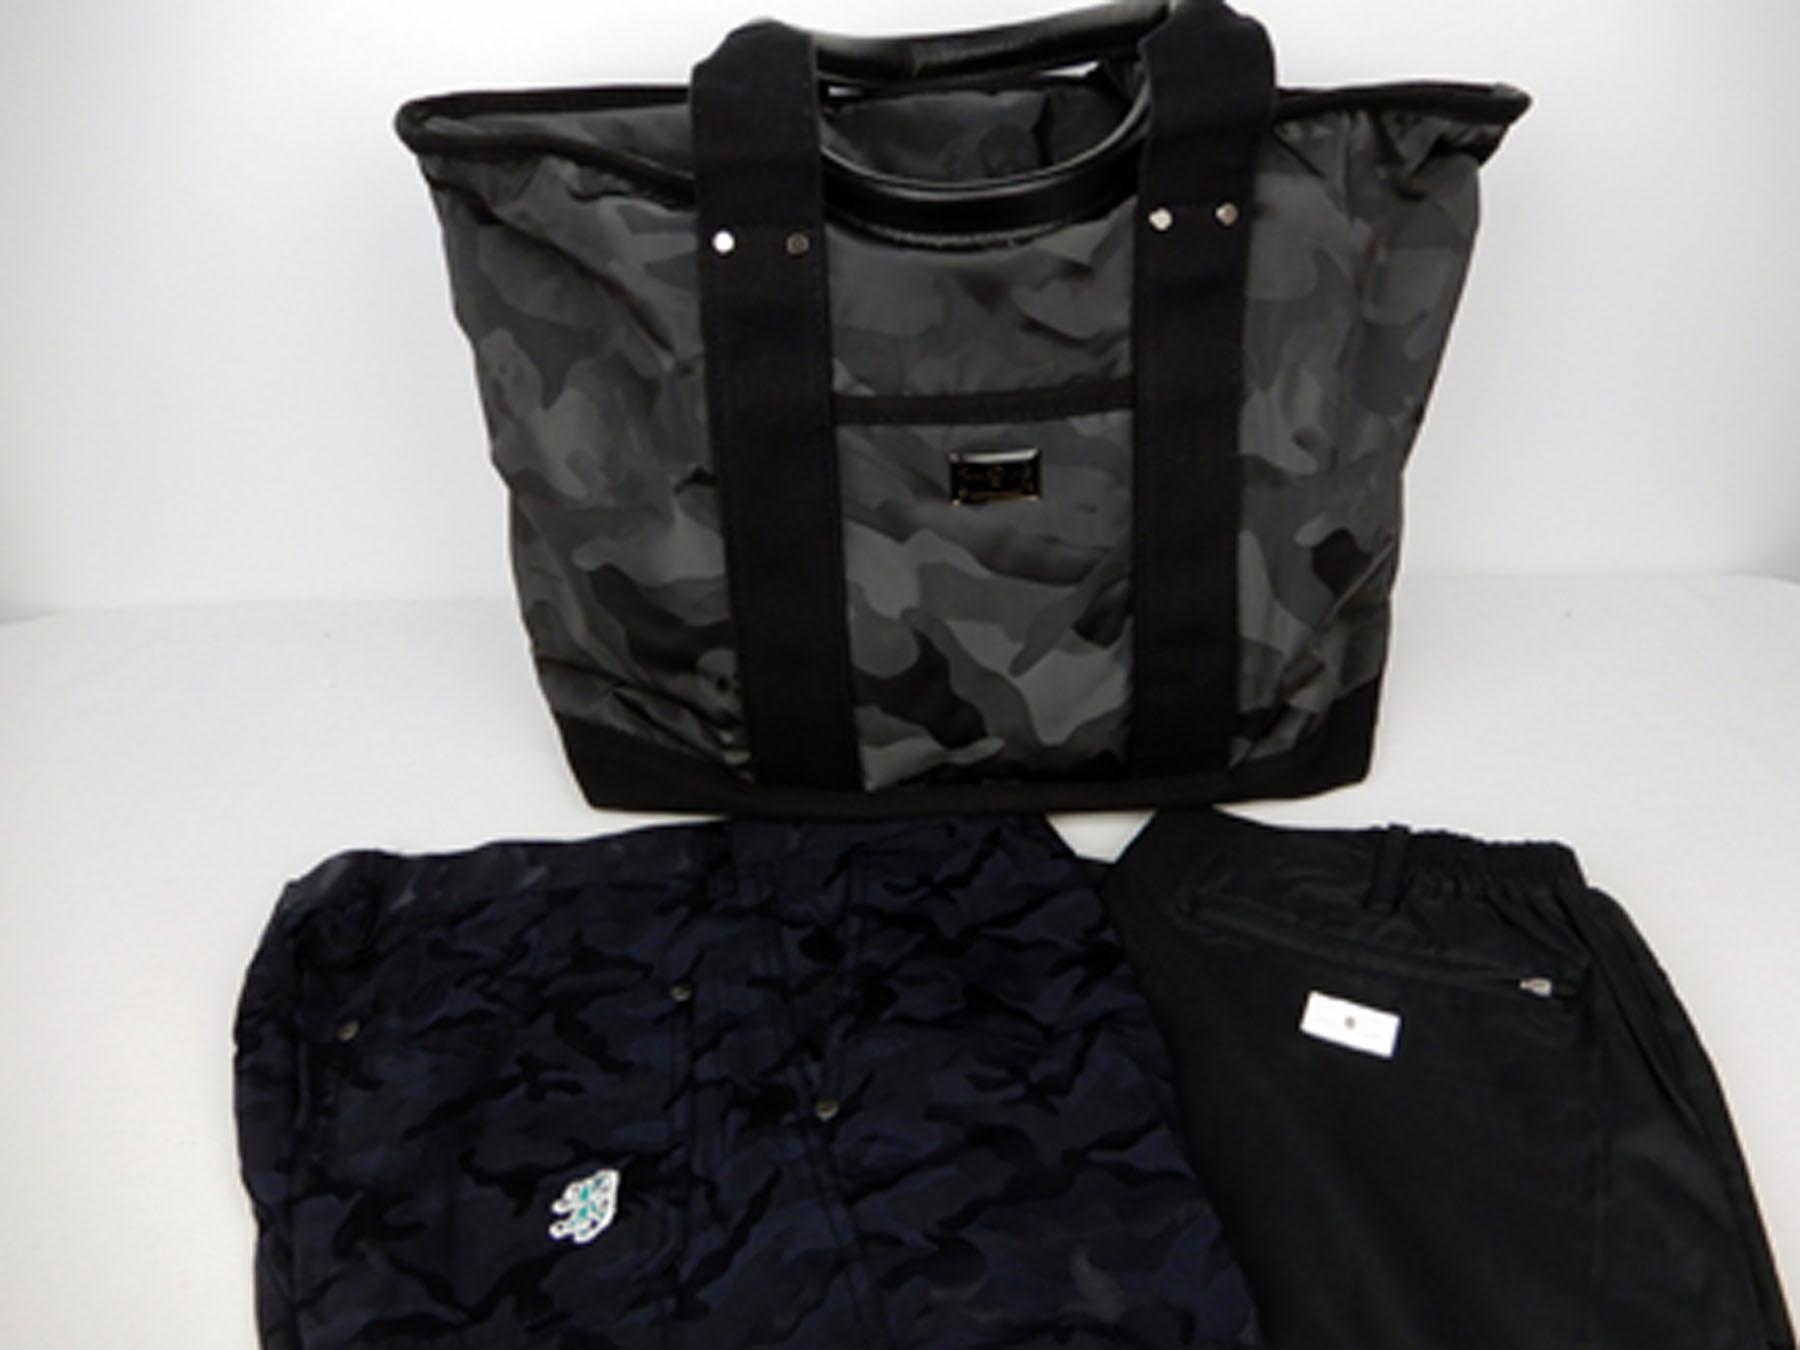 マーク&ロナ(MARK&LONA)のボストンバッグ(カモフラ&スカル柄)とパンツ(黒)、アドミラル(Admiral)のパンツ(黒系カモフラ柄)を買取ました。